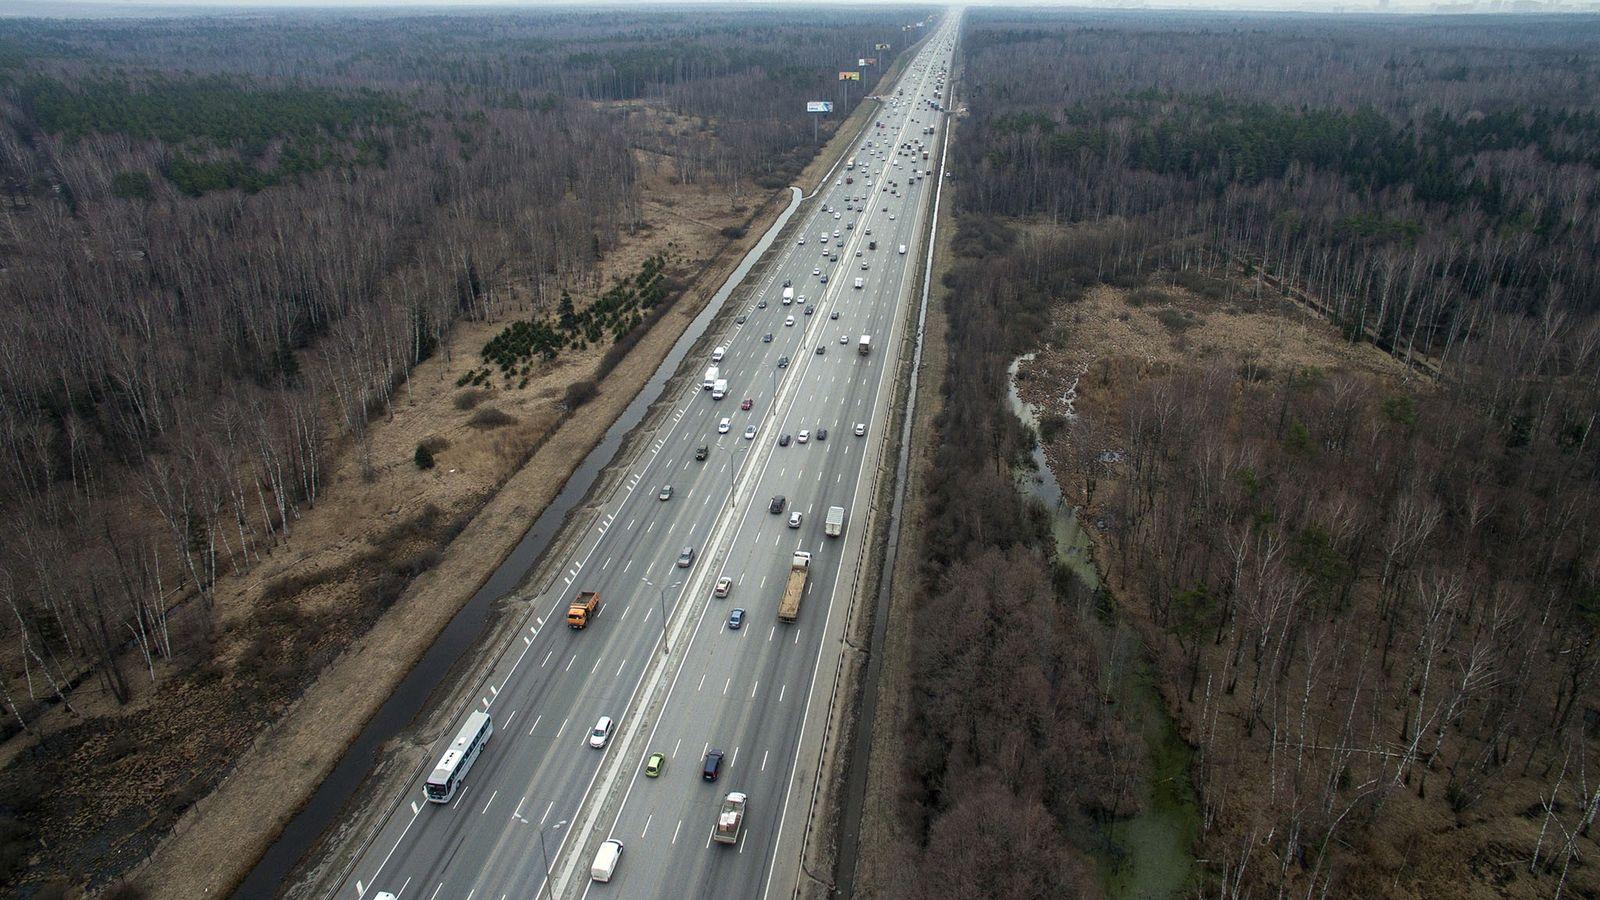 Photographie du kilomètre 98 de la MKAD, une autoroute de Moscou qui traverse le parc national ...